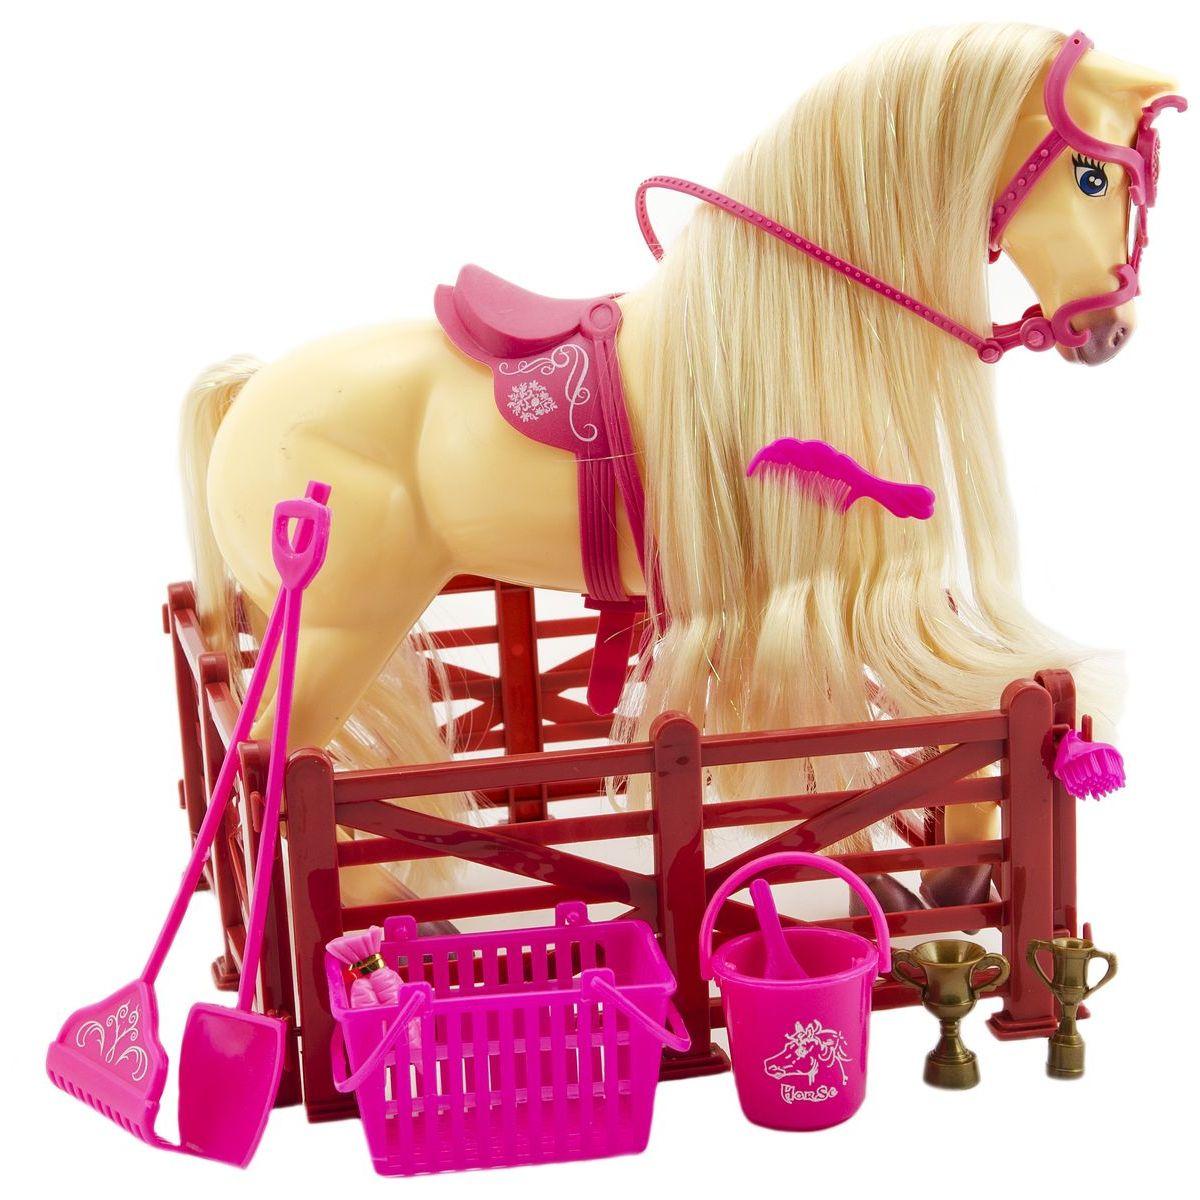 Kůň s doplňky a ohradou Světle hnědý kůň